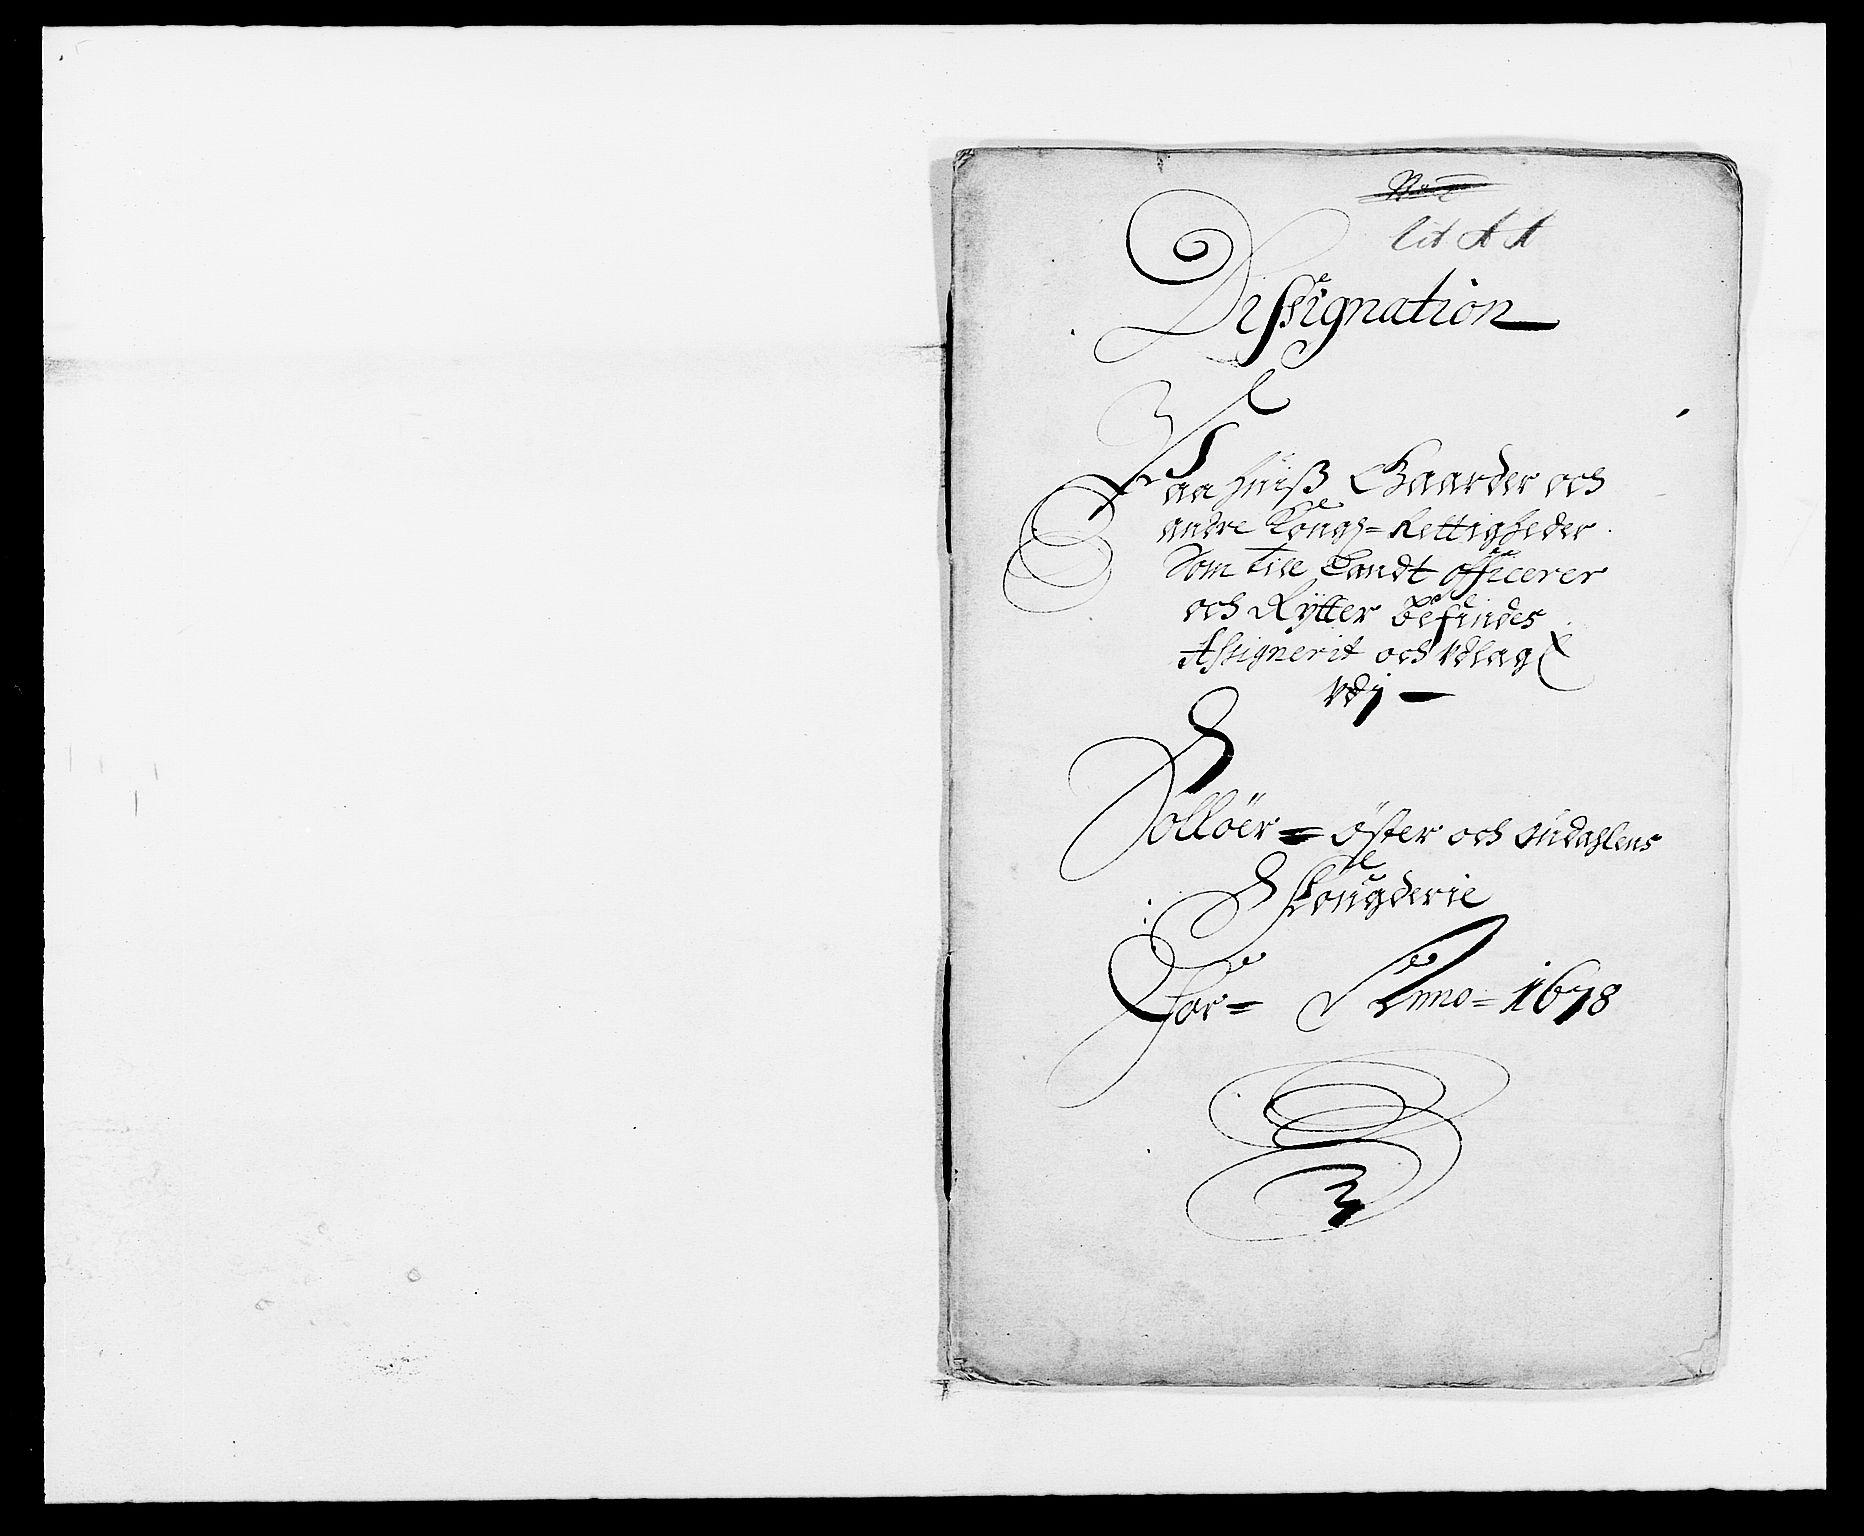 RA, Rentekammeret inntil 1814, Reviderte regnskaper, Fogderegnskap, R13/L0814: Fogderegnskap Solør, Odal og Østerdal, 1678, s. 132